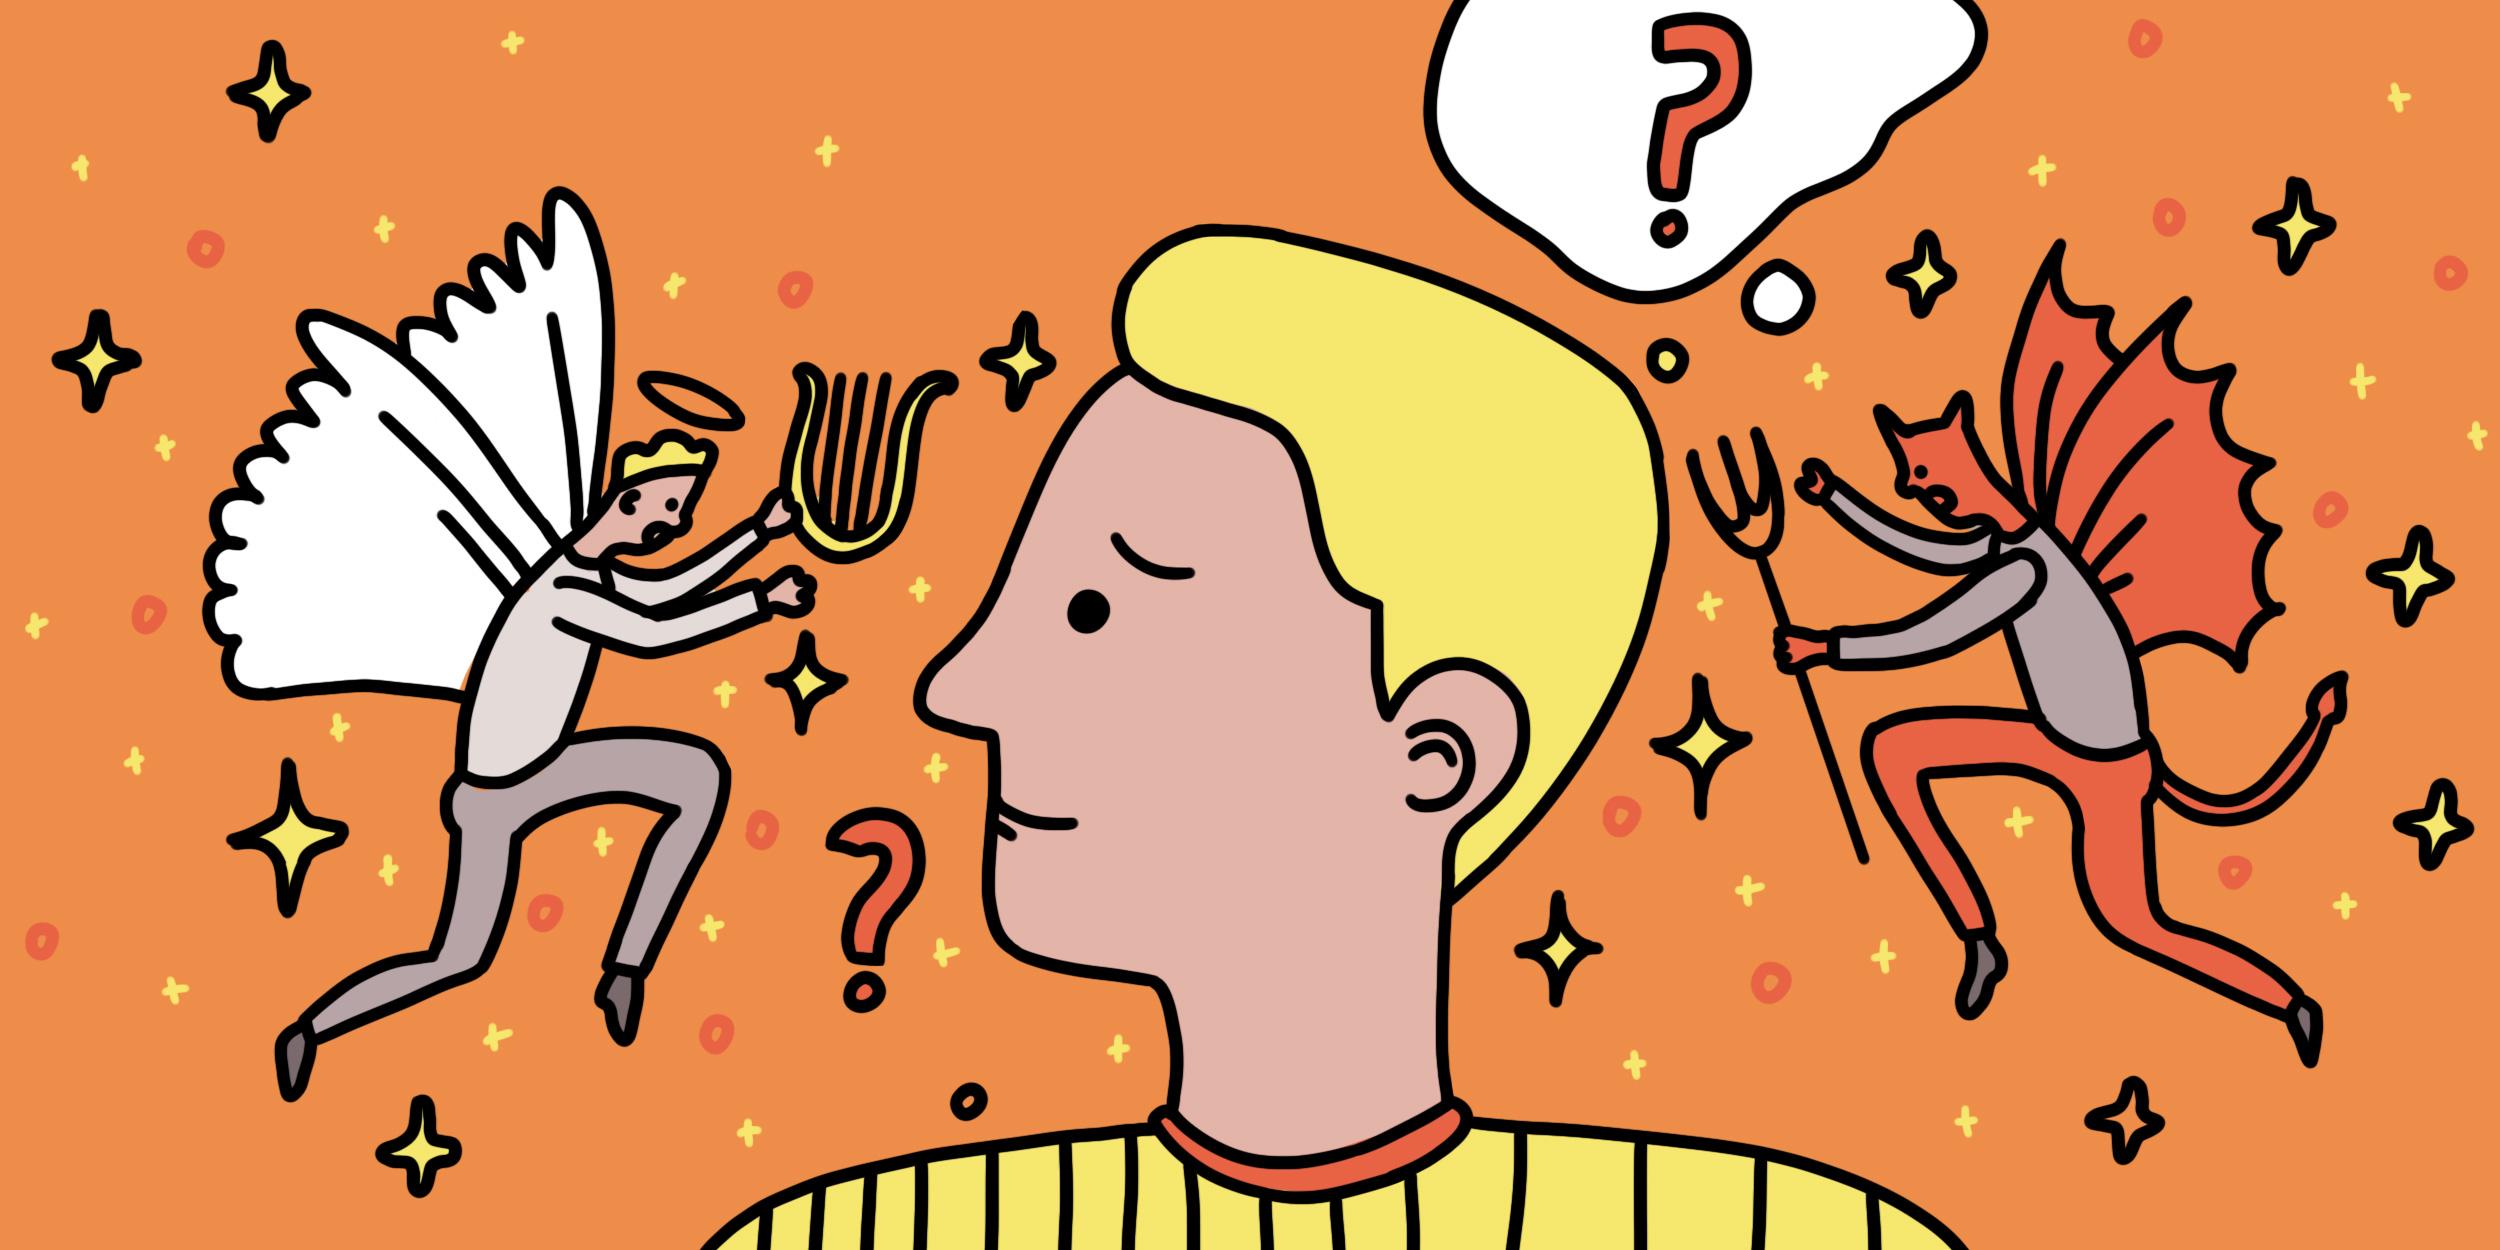 ТЕСТ: Знаете ли вы, как избавиться от плохих привычек?